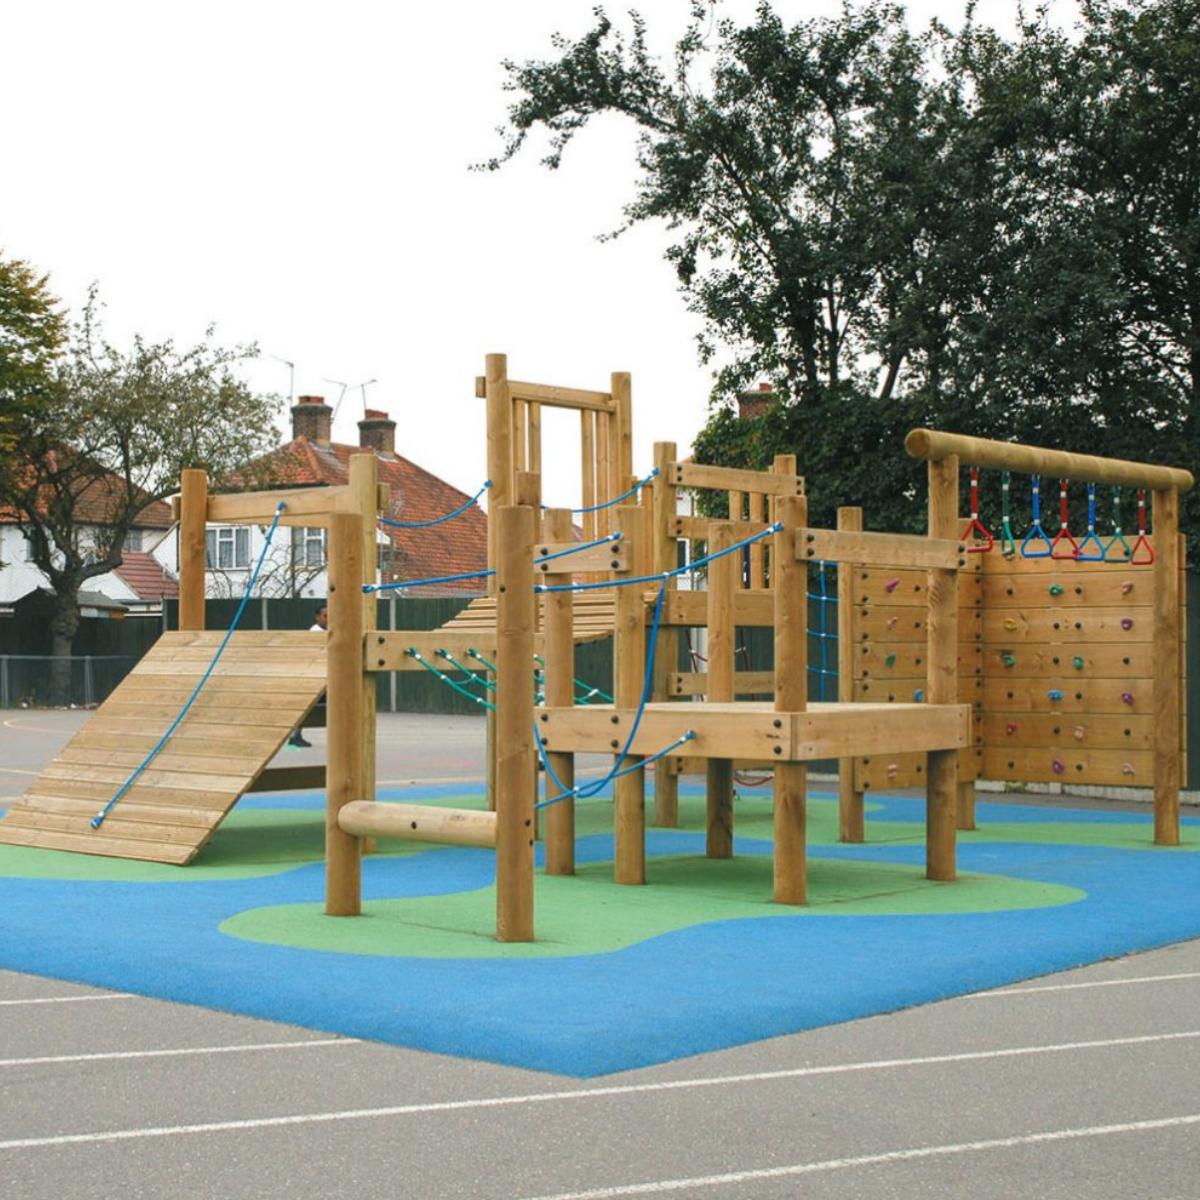 Beddington Play Unit